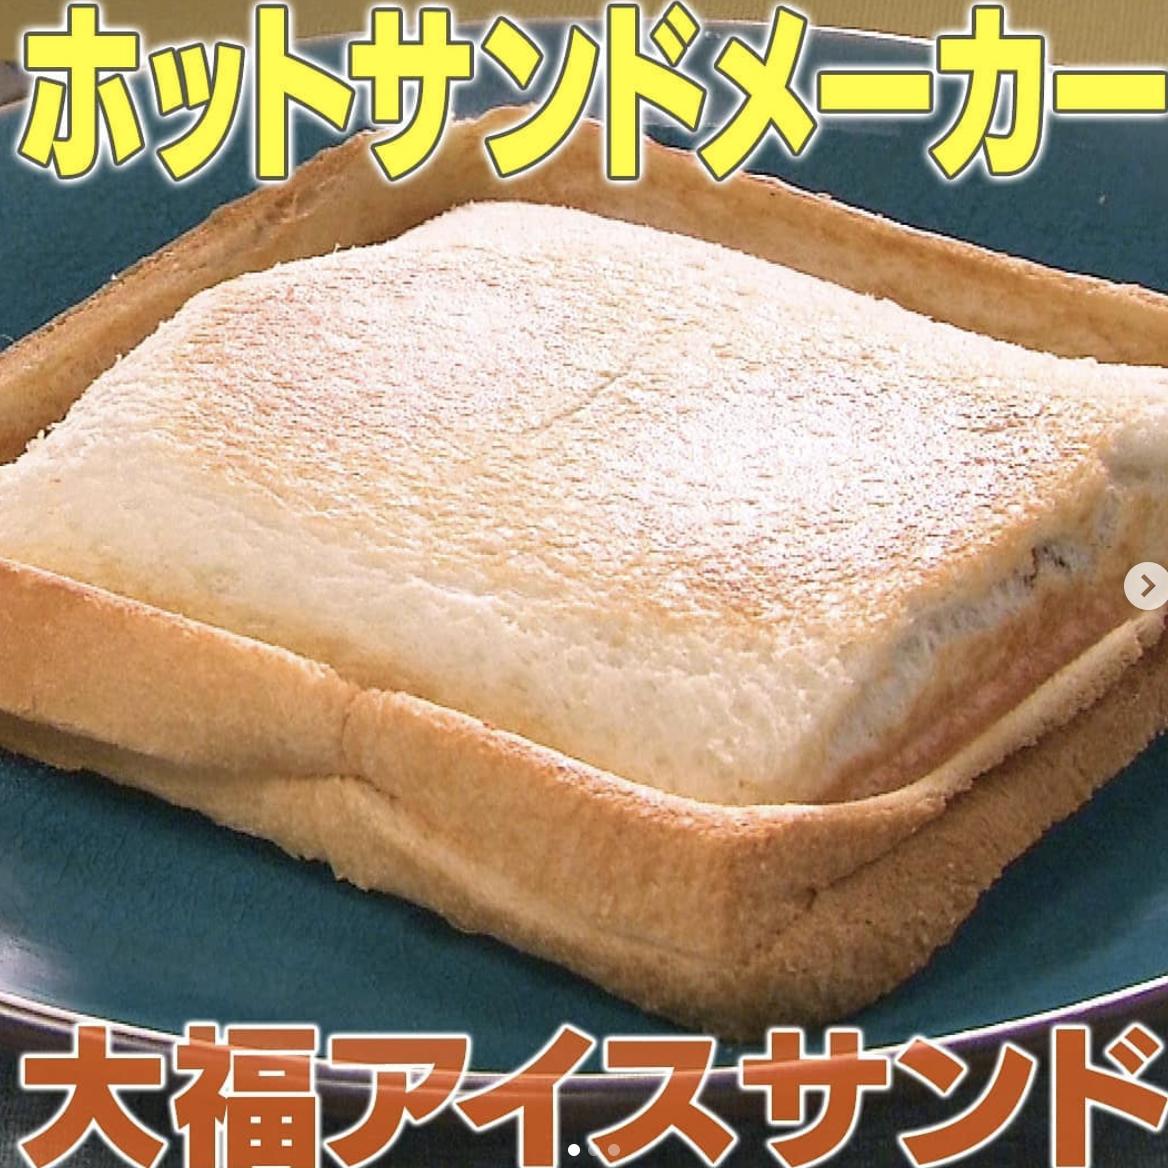 家事ヤロウのホットサンドメーカーレシピ「大福アイスサンド」(2020年8月19日)